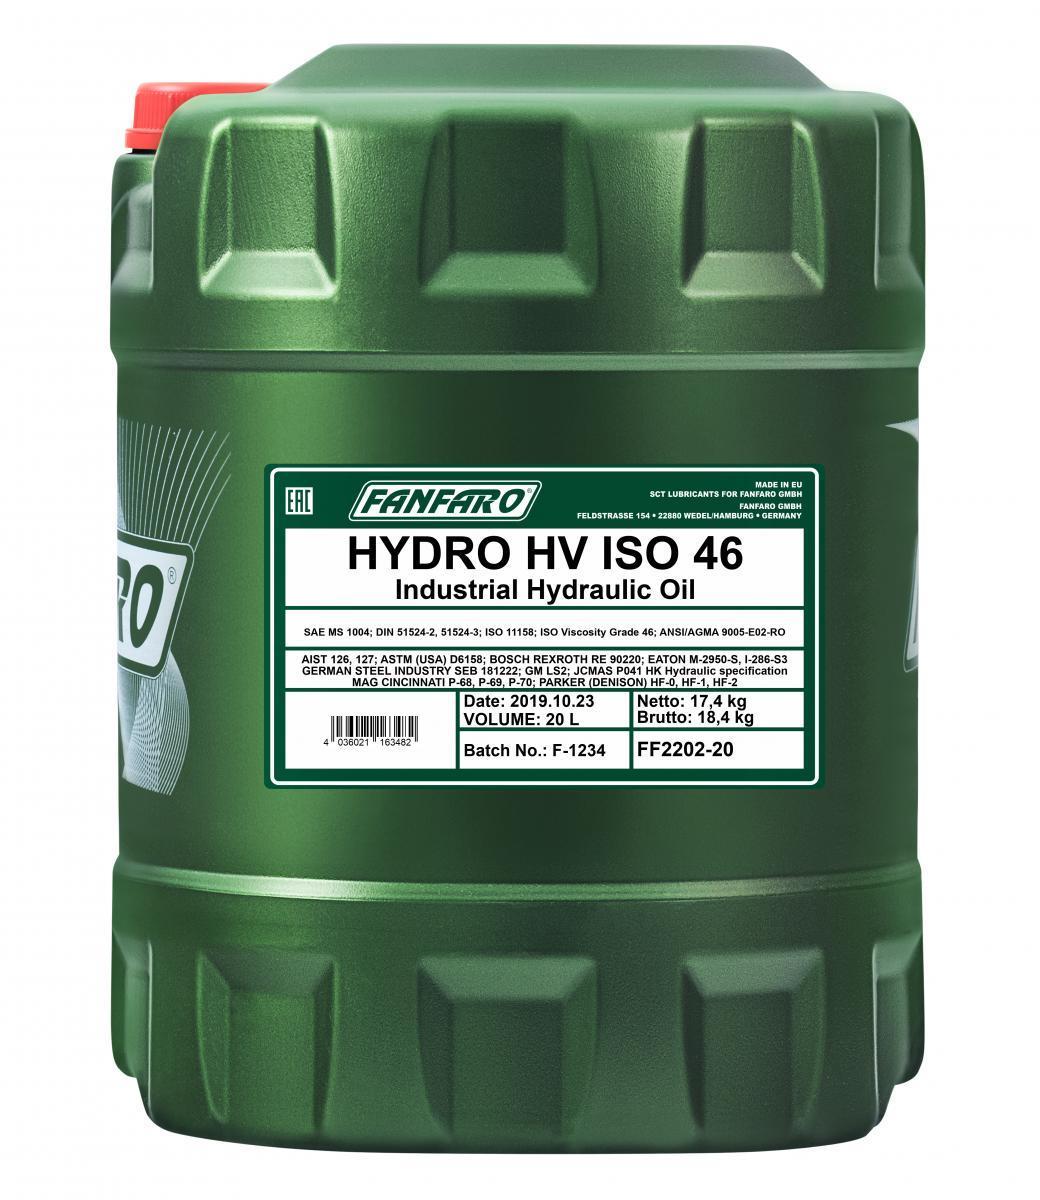 FANFARO HYDRO HV FF2202-20 Hydrauliköl Inhalt: 20l